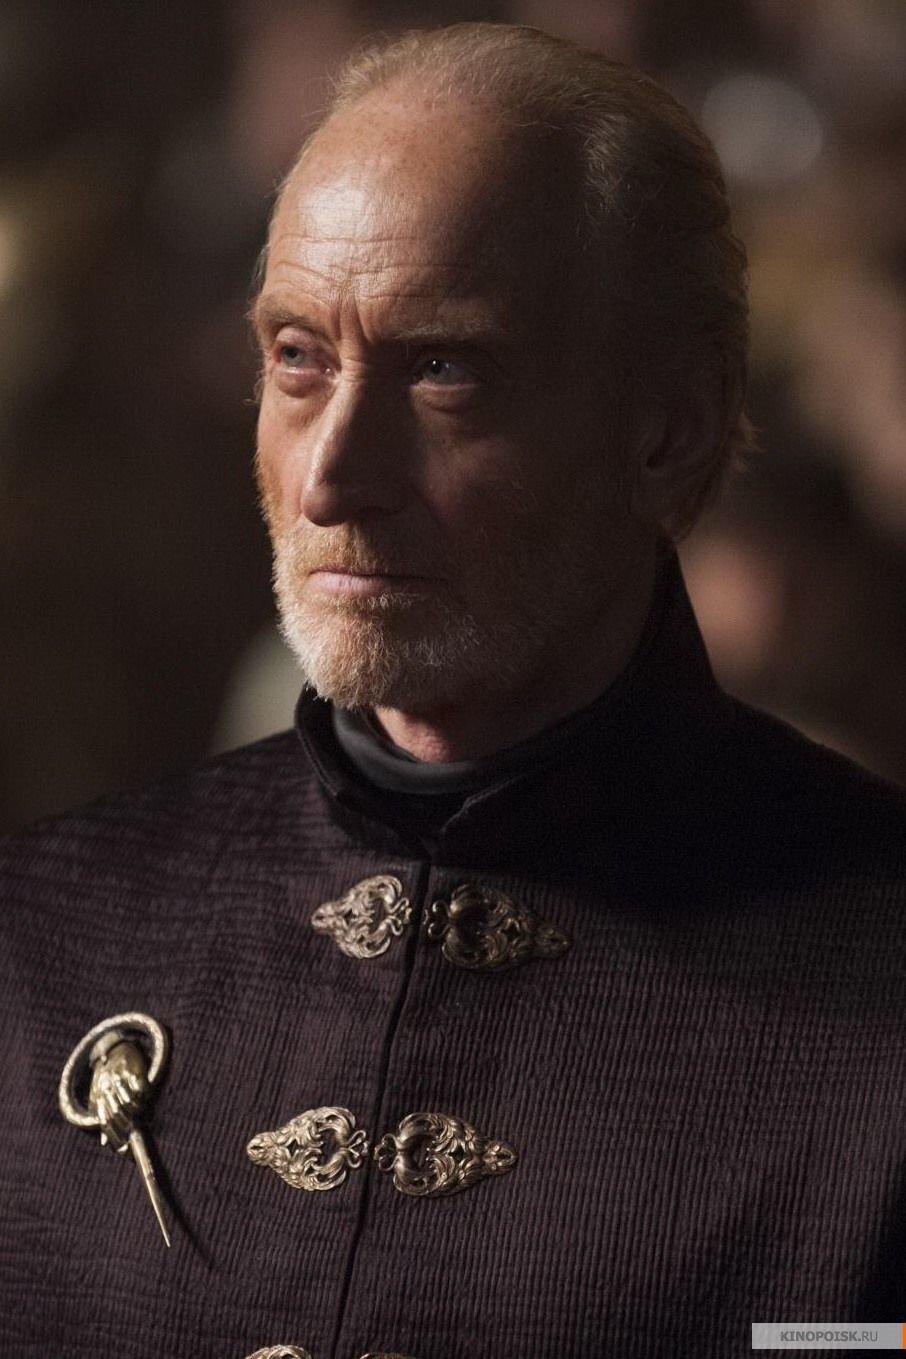 Игра престолов: Кадры   1 | картинка Game of Thrones 2419607